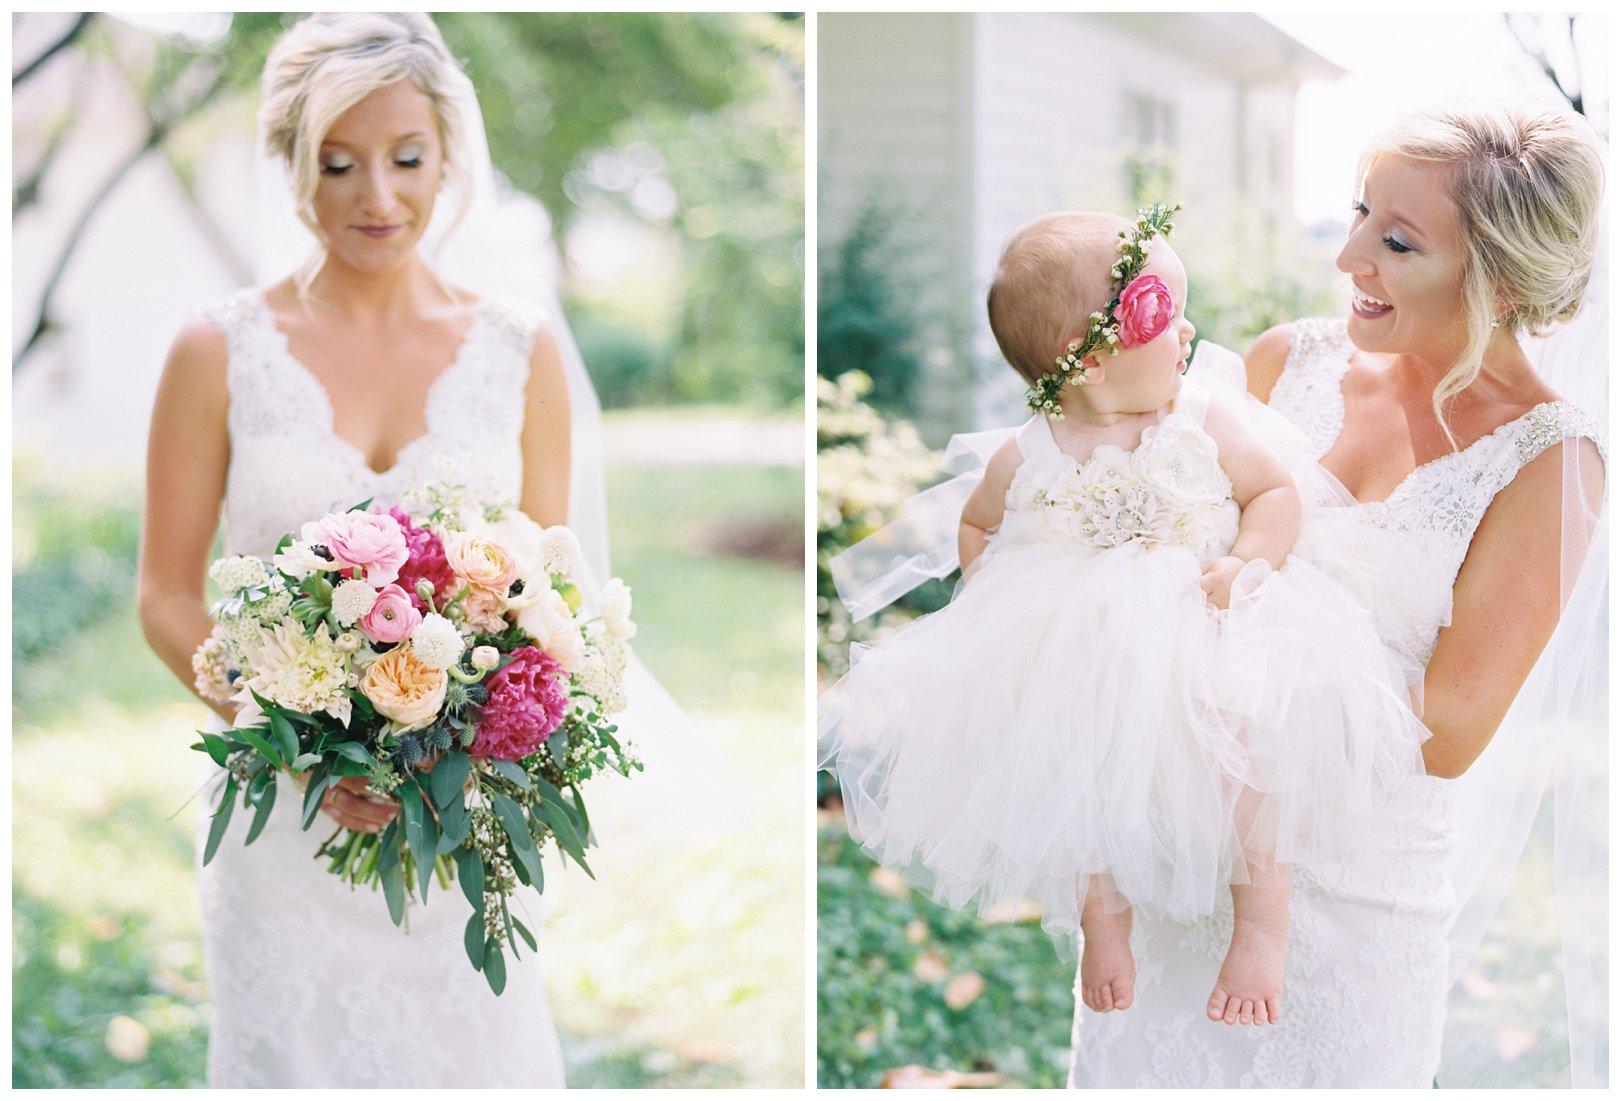 lauren muckler photography_fine art film wedding photography_st louis_photography_2368.jpg